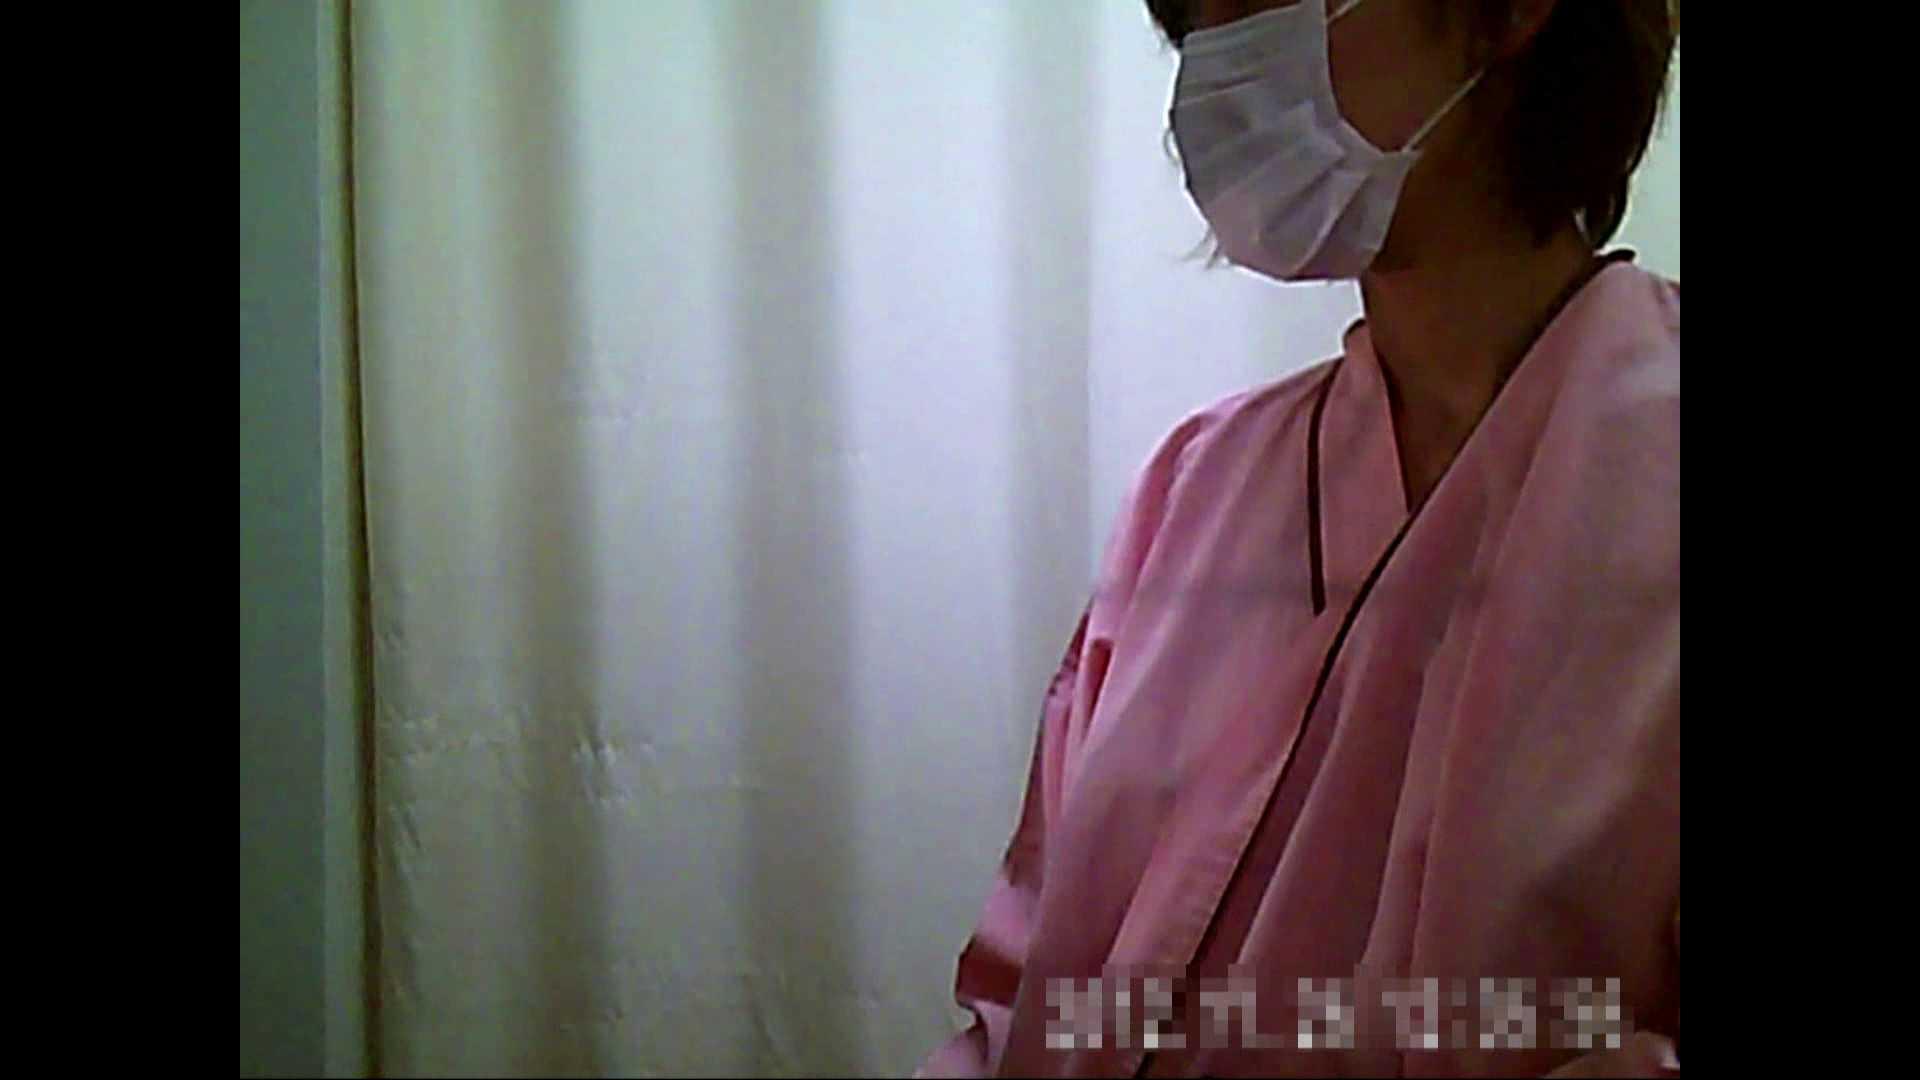 元医者による反抗 更衣室地獄絵巻 vol.281 OLハメ撮り  100Pix 64